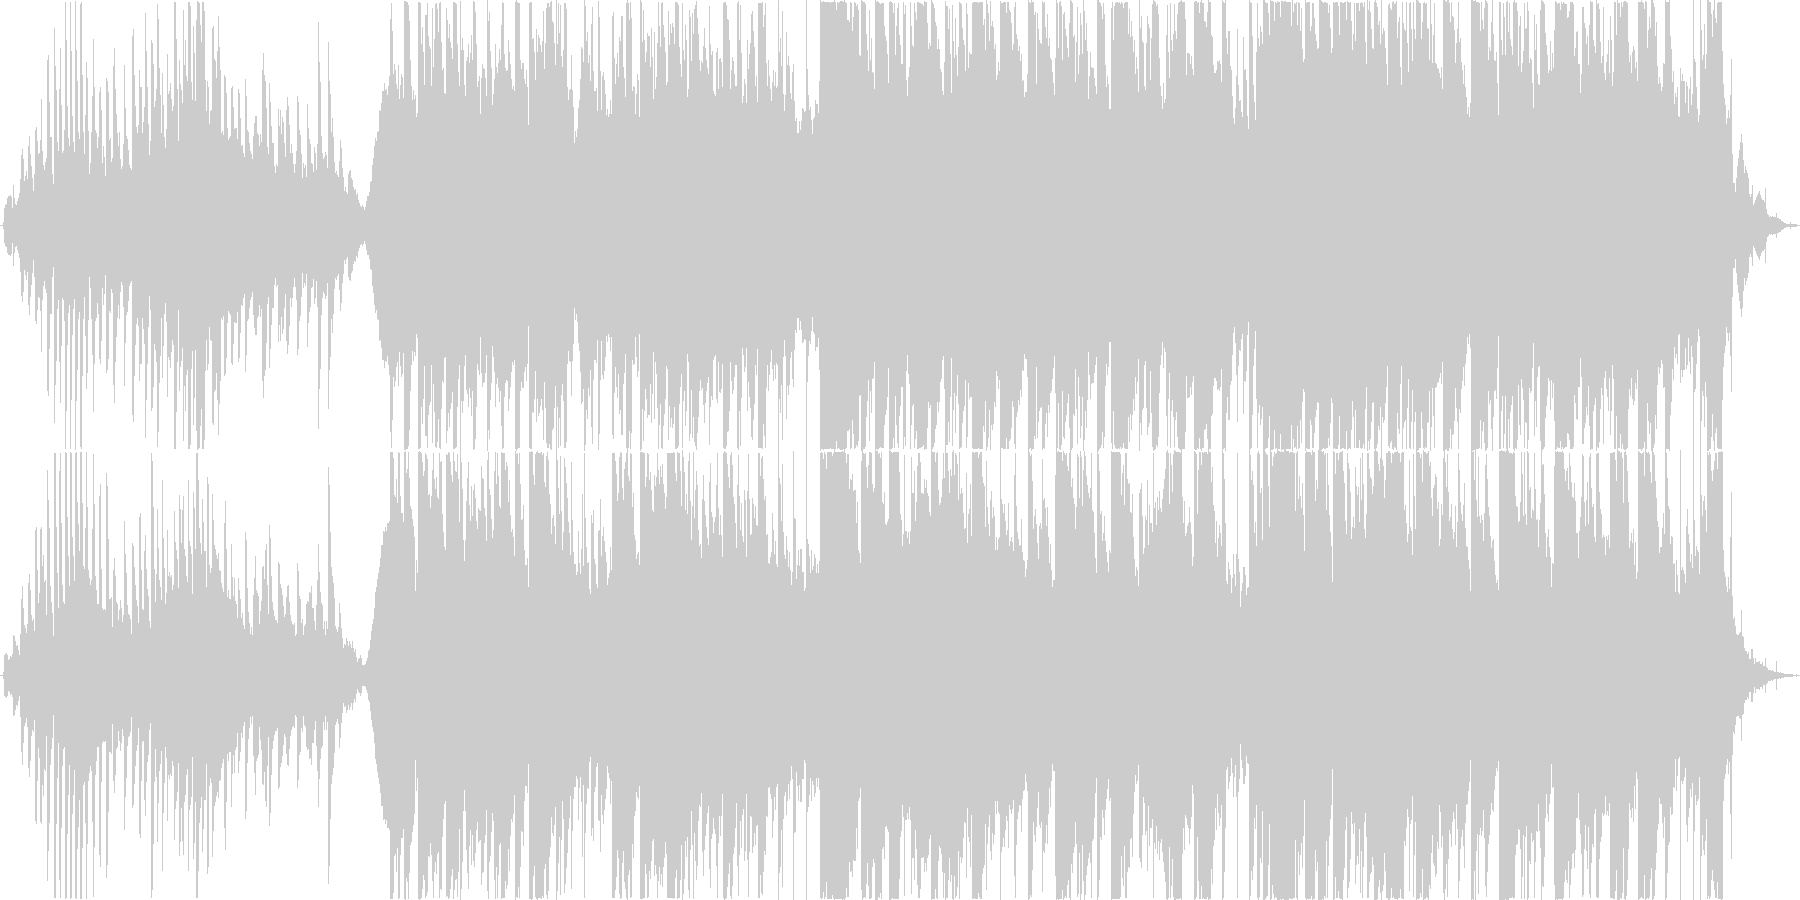 幻想的で雨の日を感じるピアノアンビエントの未再生の波形